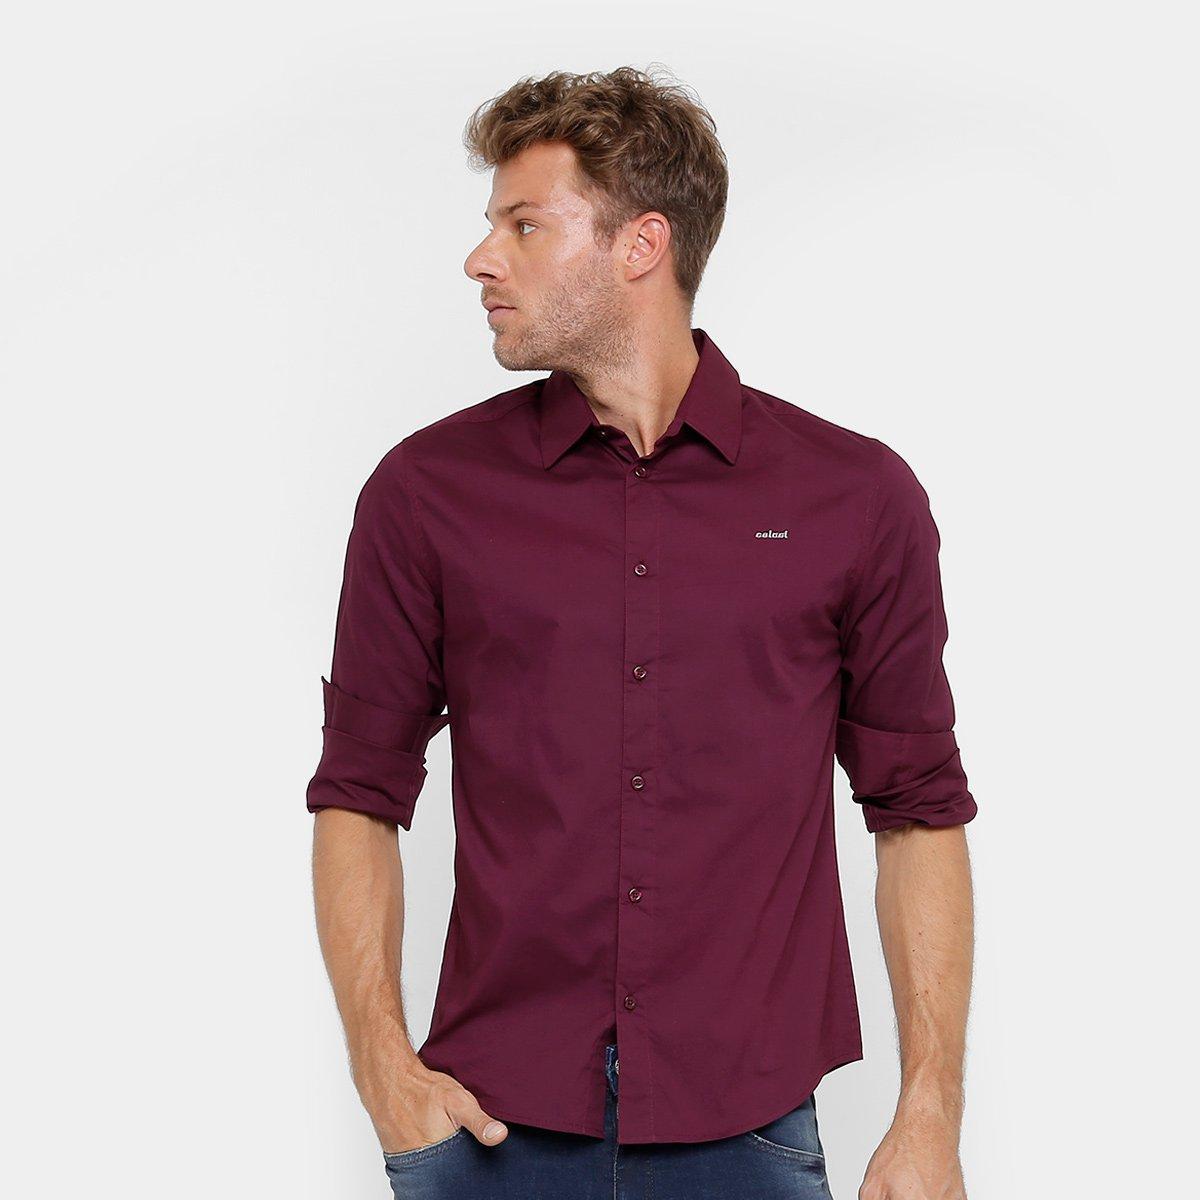 Camisa Colcci Slim Fit Masculina - Compre Agora  14a87c30ed6